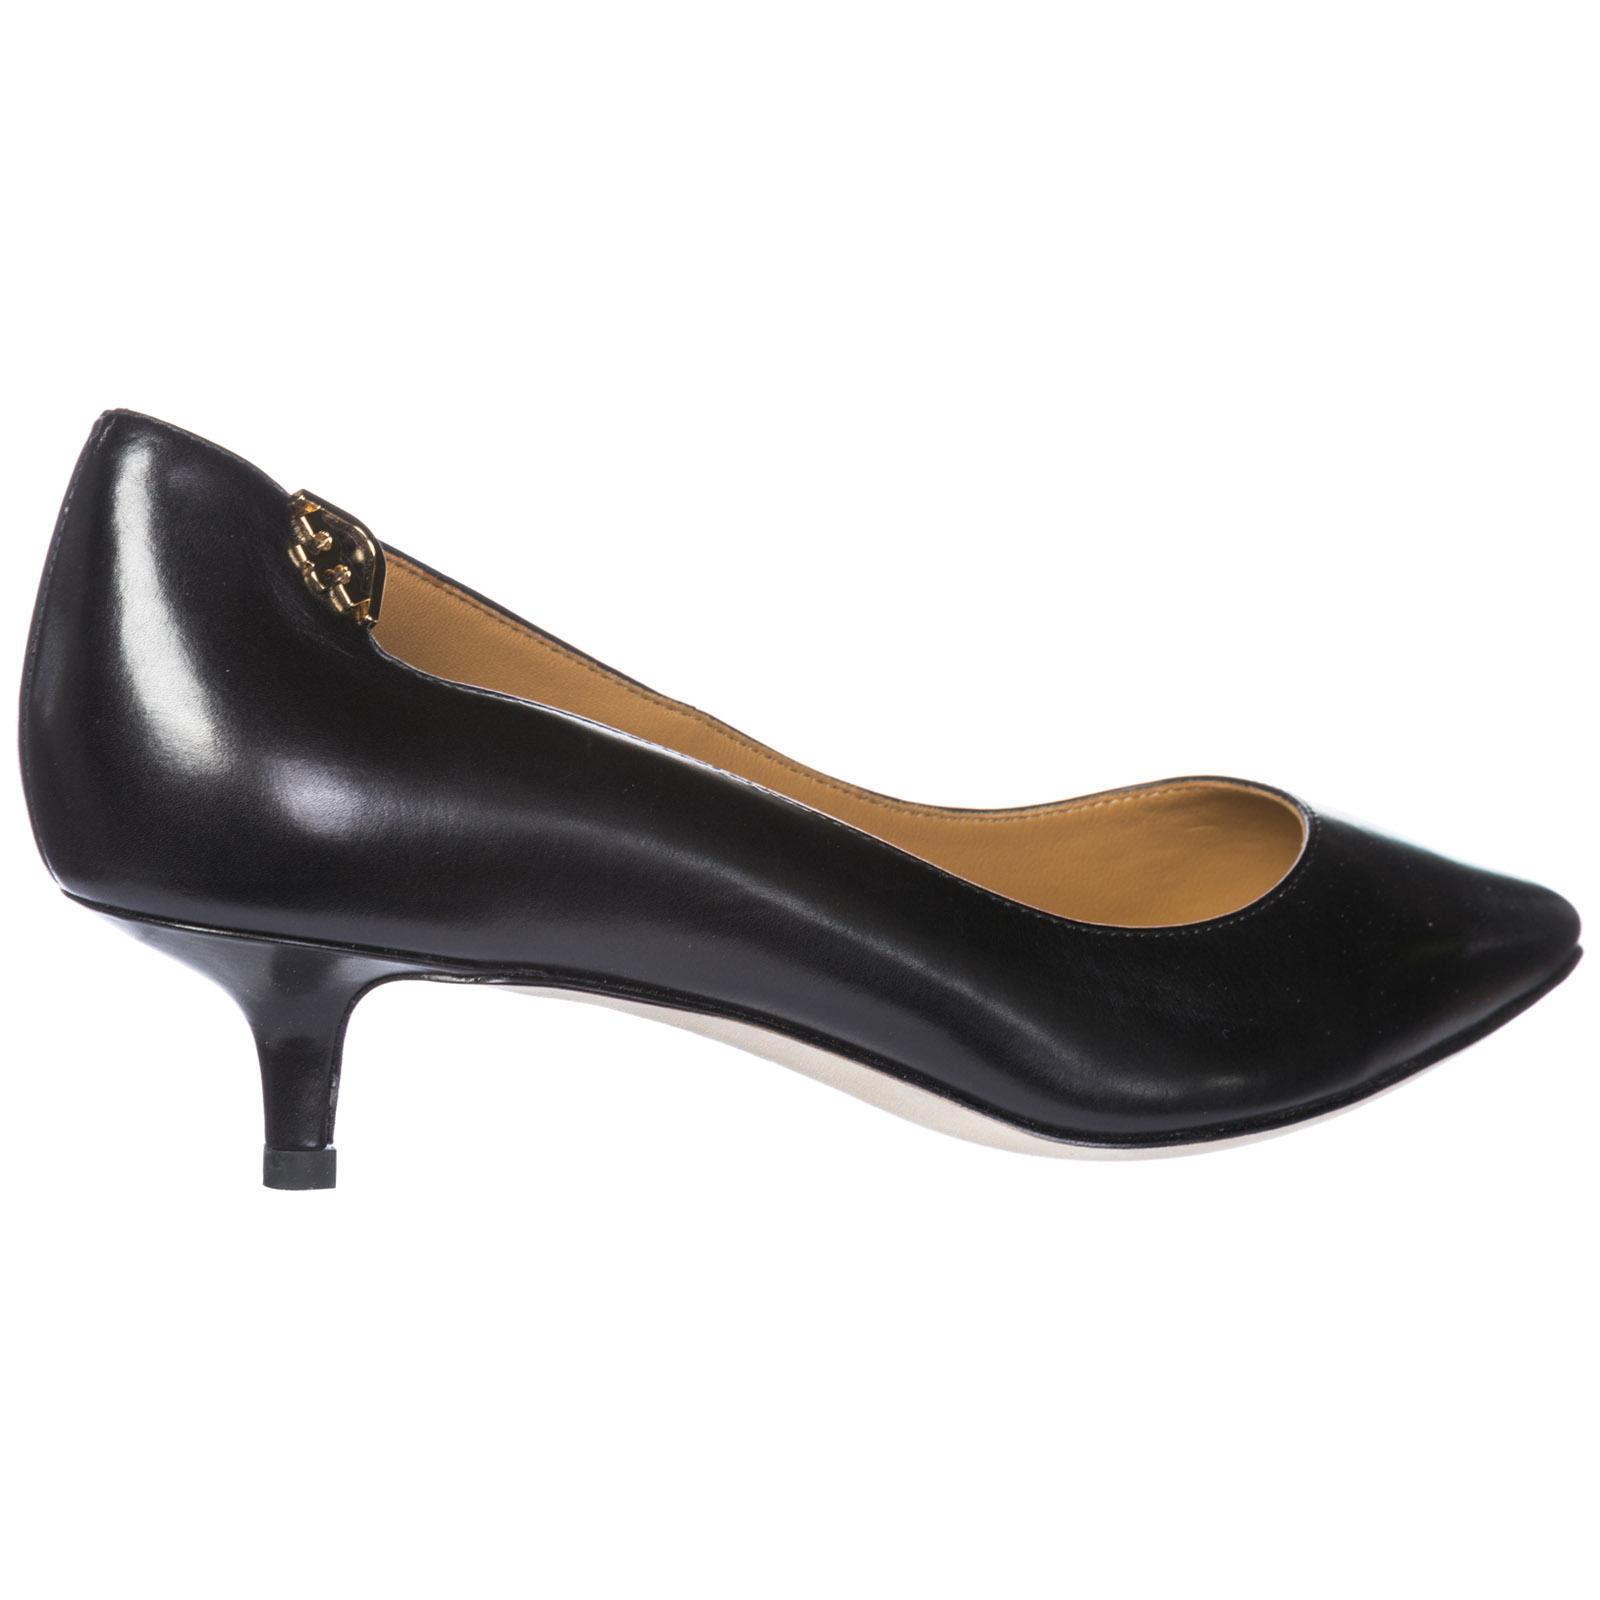 804eefd23 ... Women s leather pumps court shoes high heel elizabeth ...